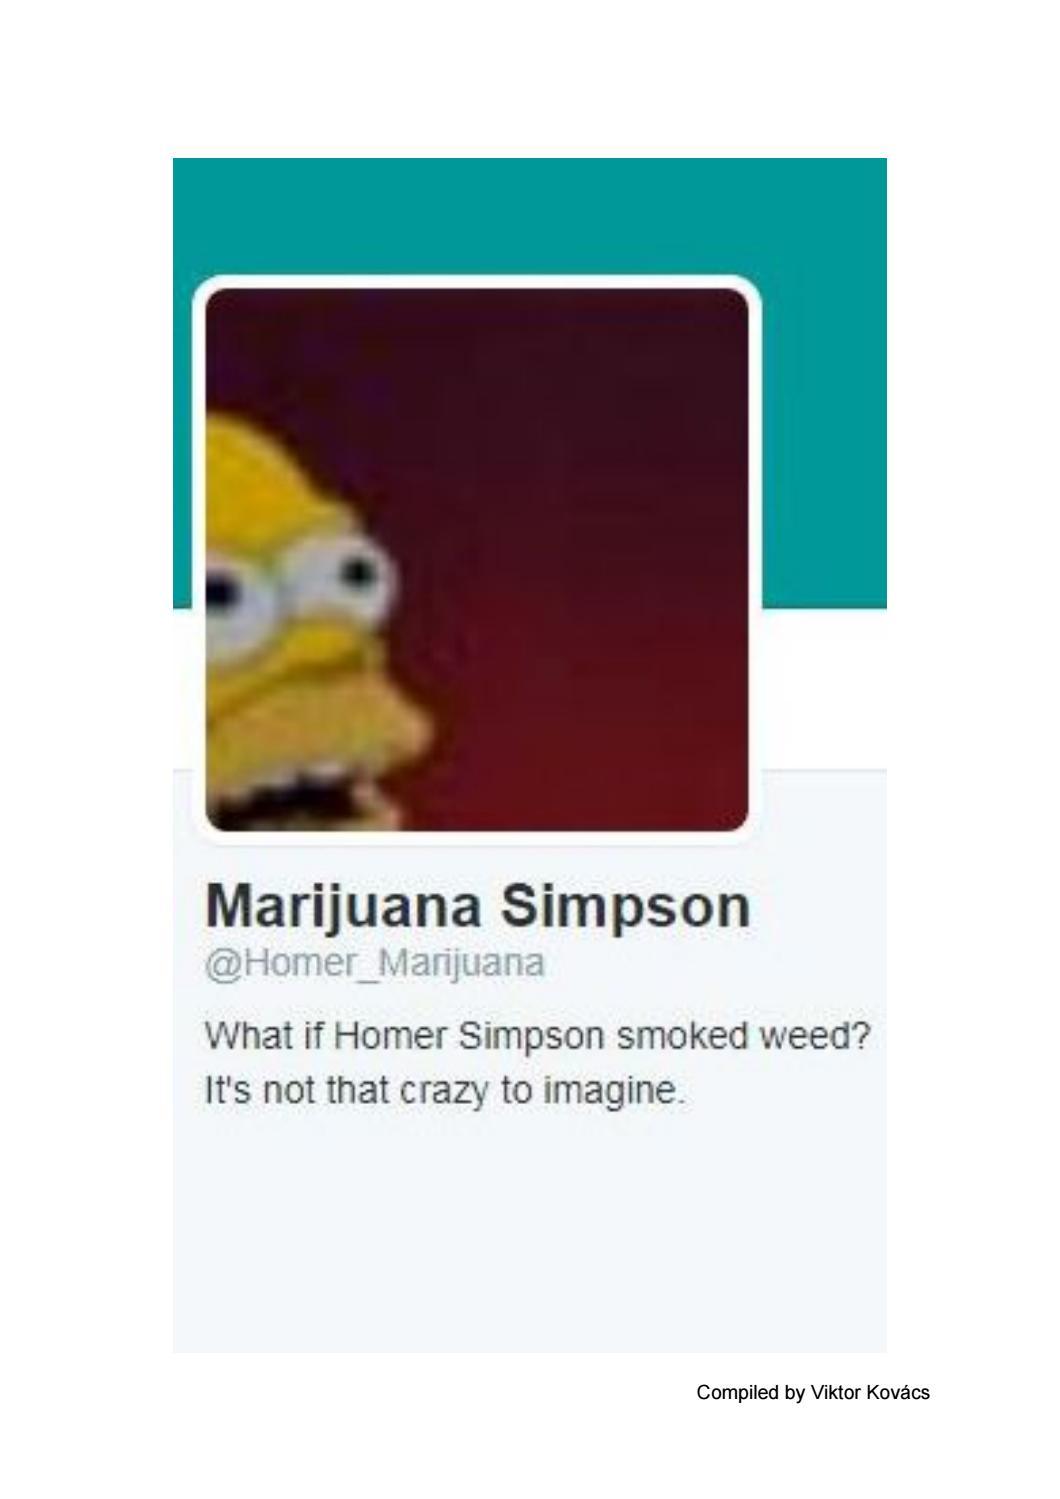 Bart Fucks Milhouse marijuana simpsonviktor kovács - issuu